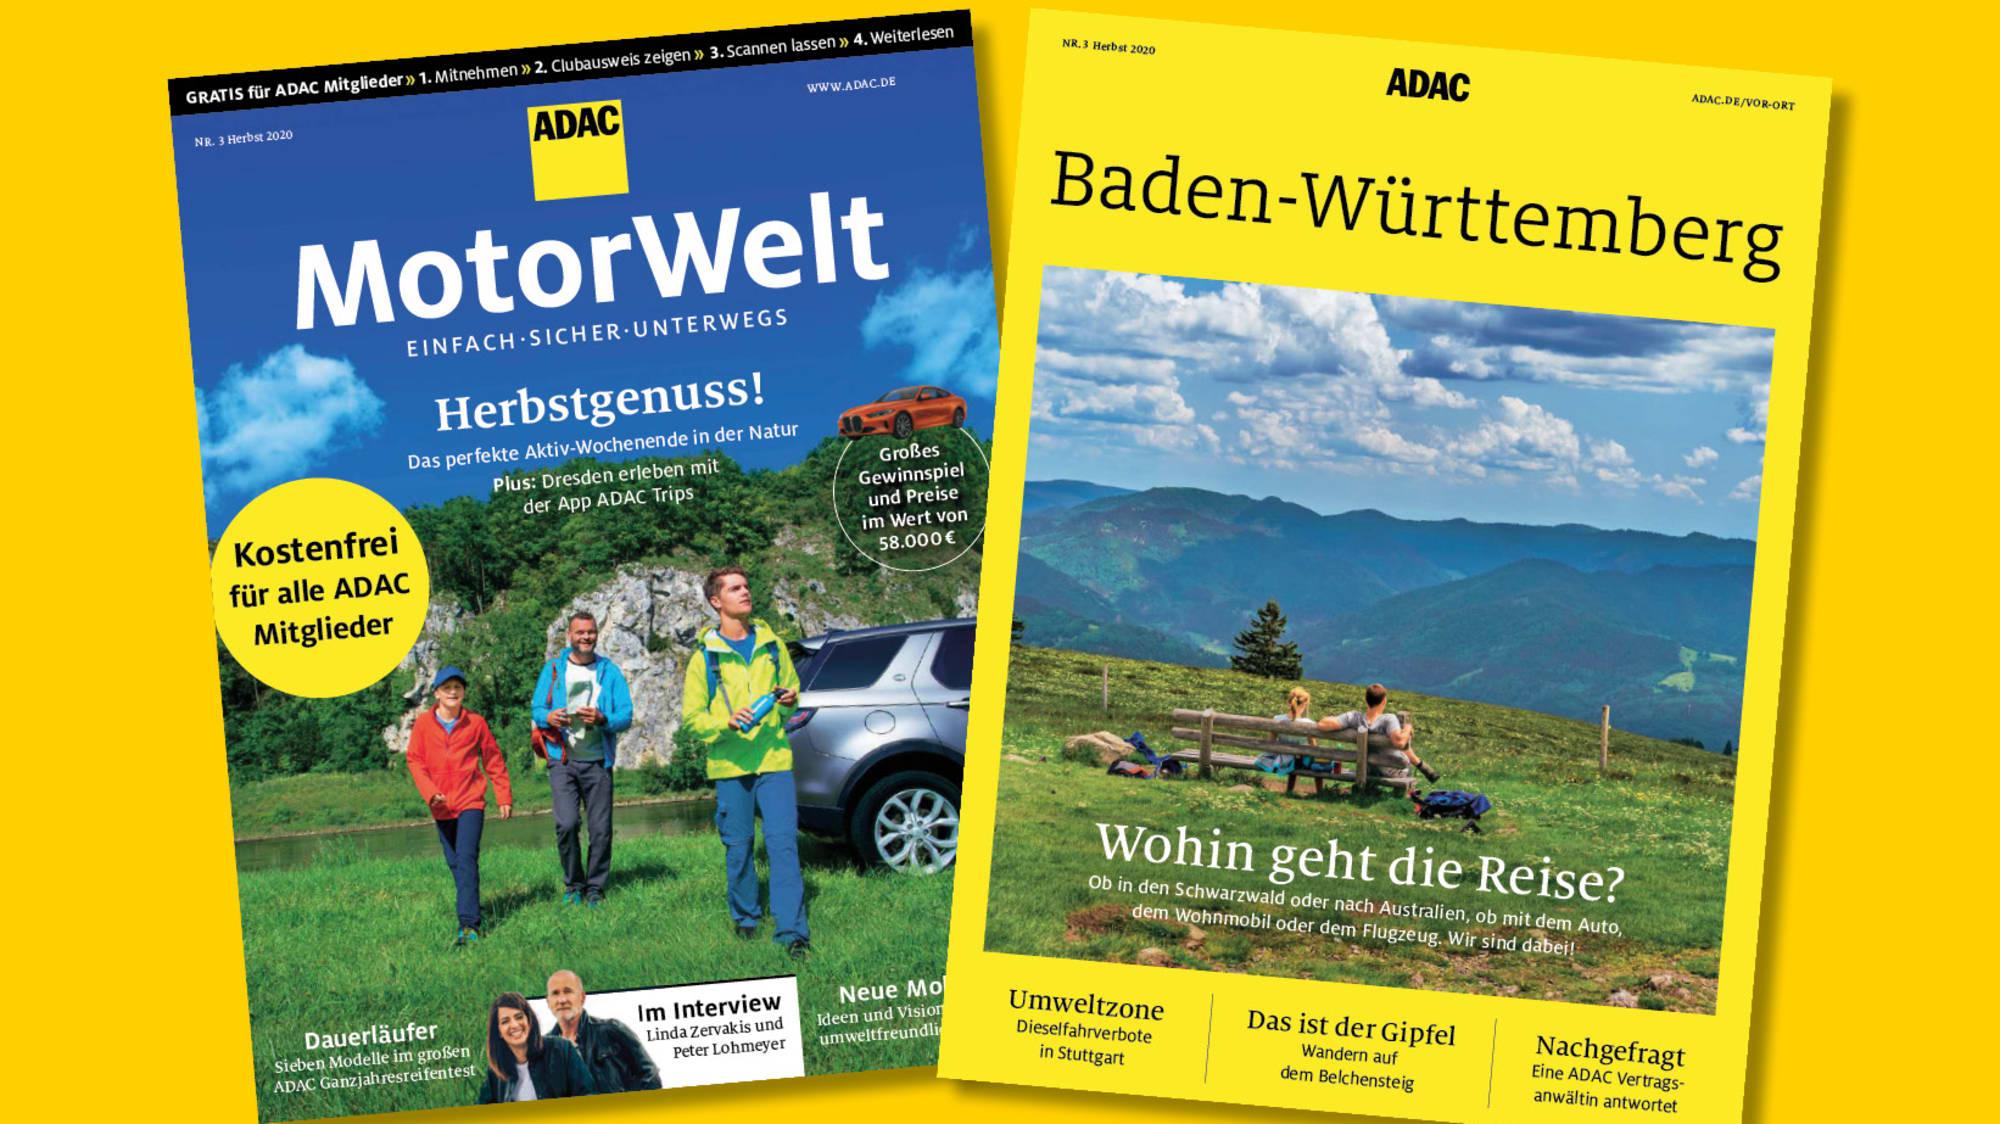 Die Herbstausgabe der ADAC Motorwelt mit dem Regionalmagazin Baden-Württemberg